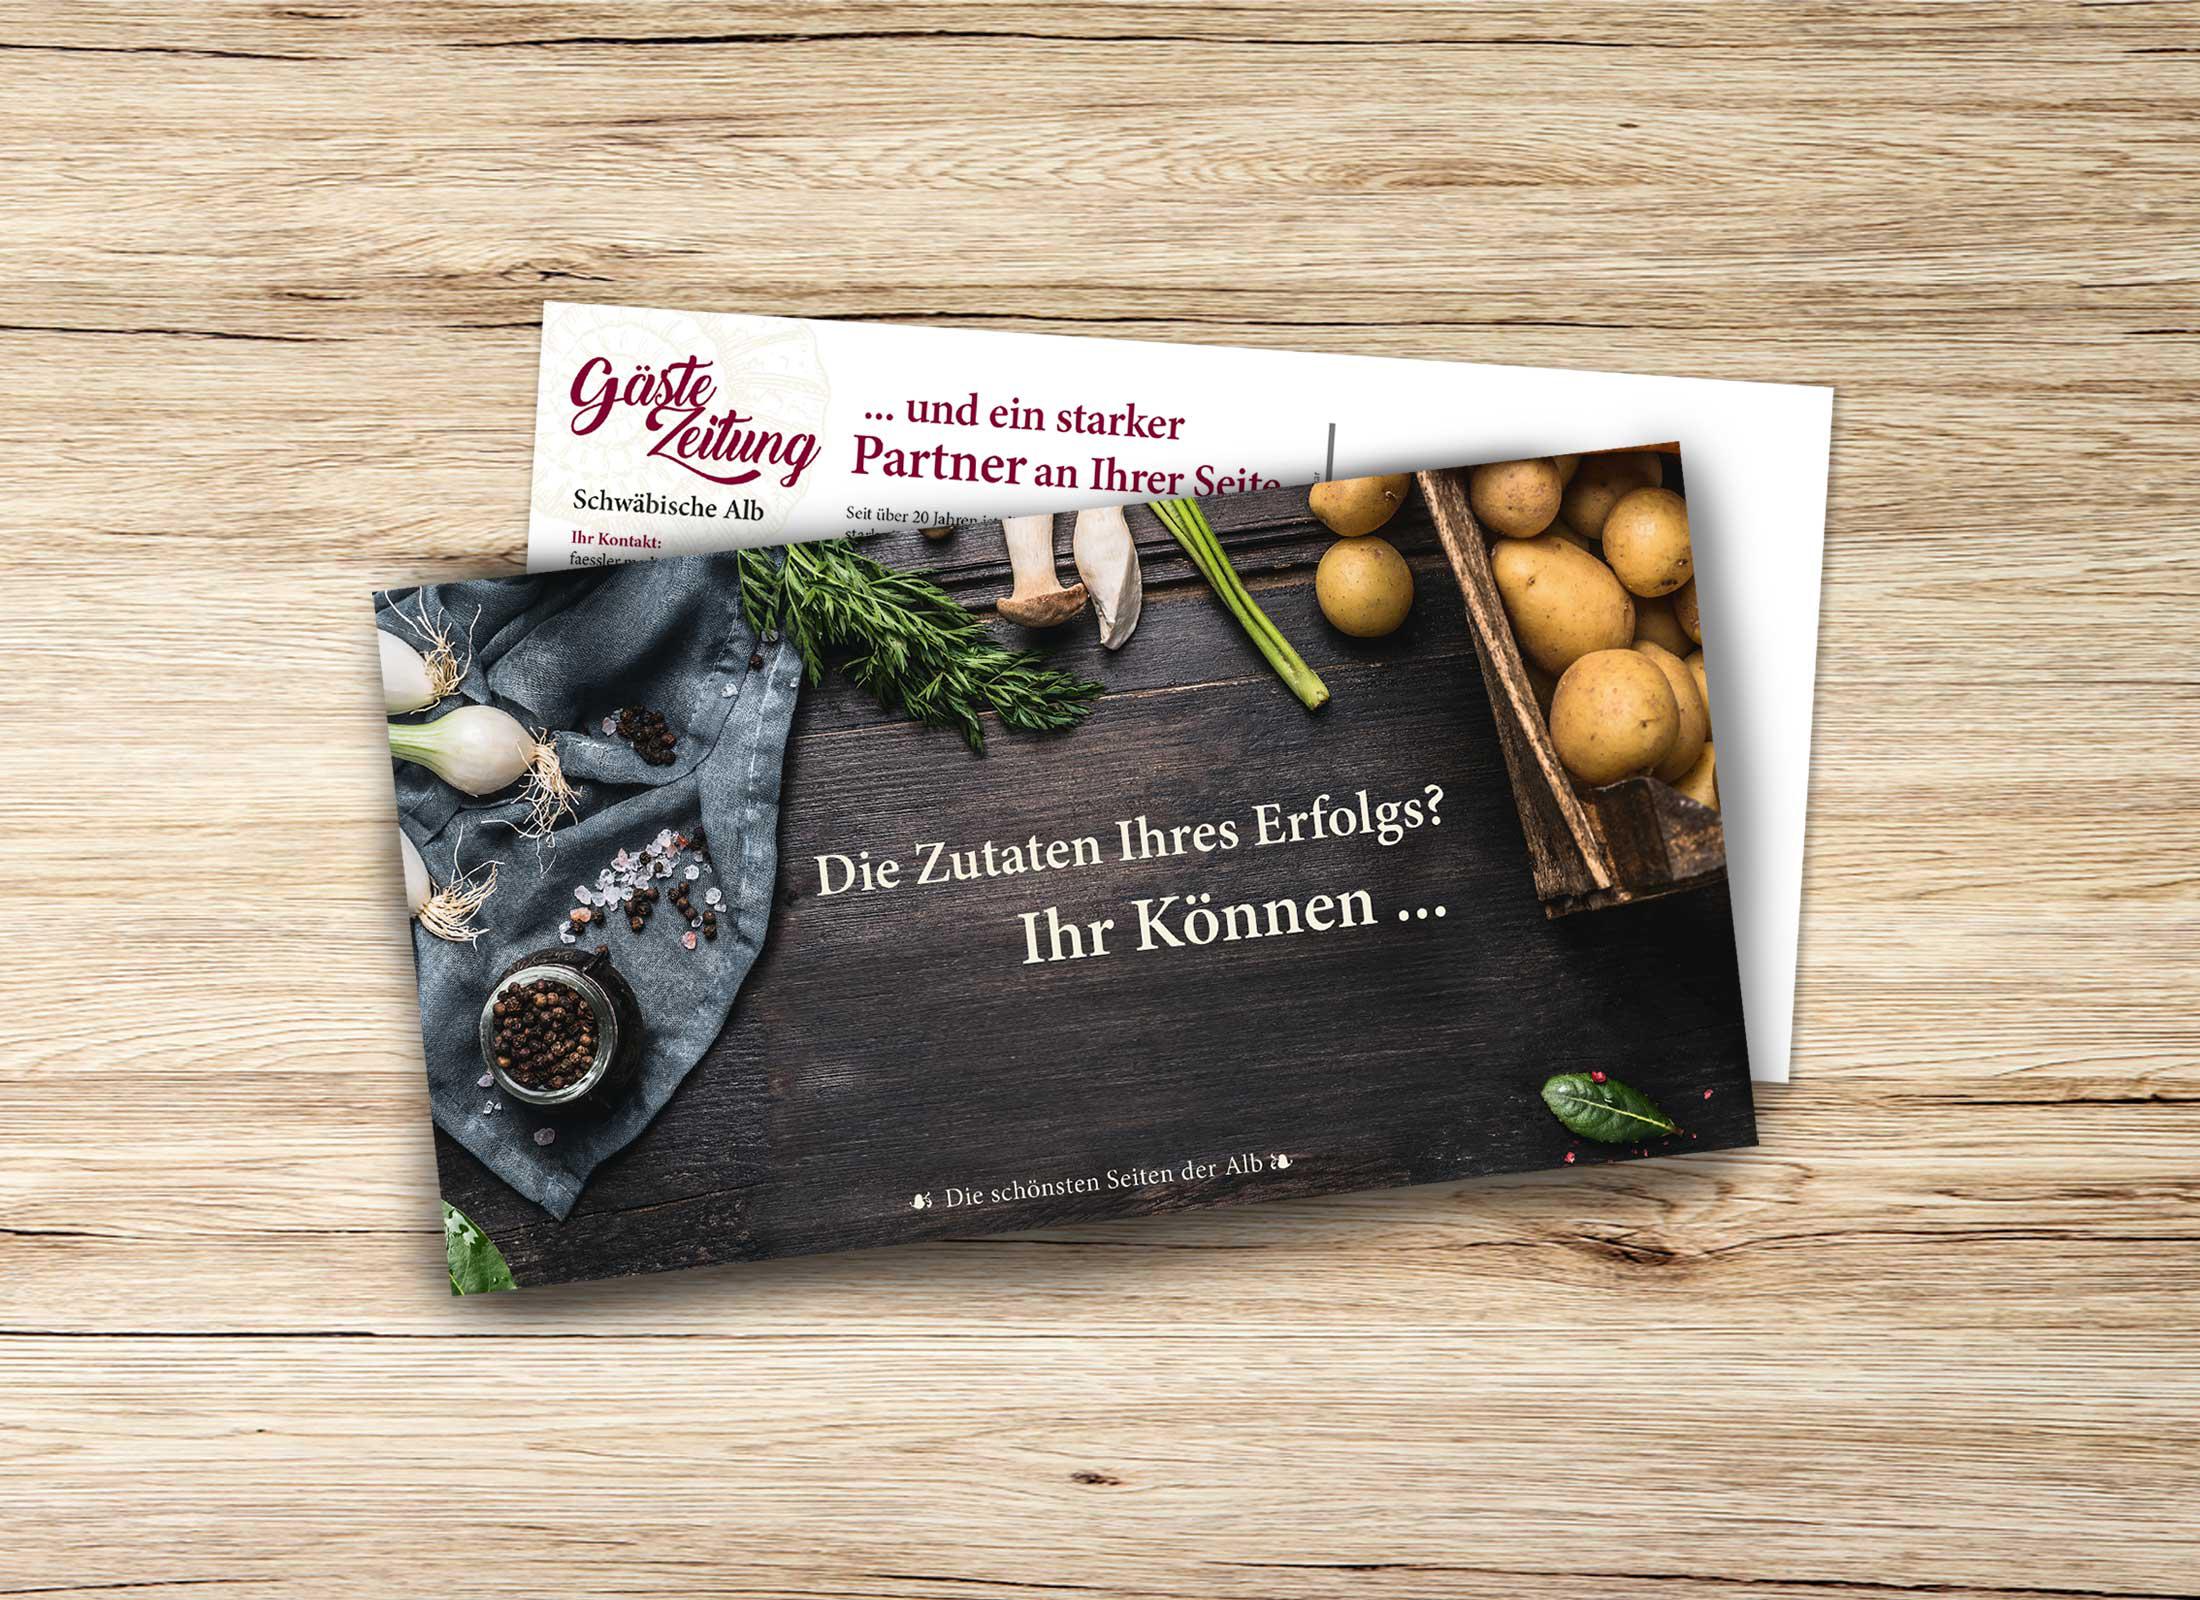 Maxipostkarte für Mailing Gästezeitung Schwäbische Alb mit kulinarischem Motiv auf Tisch liegend